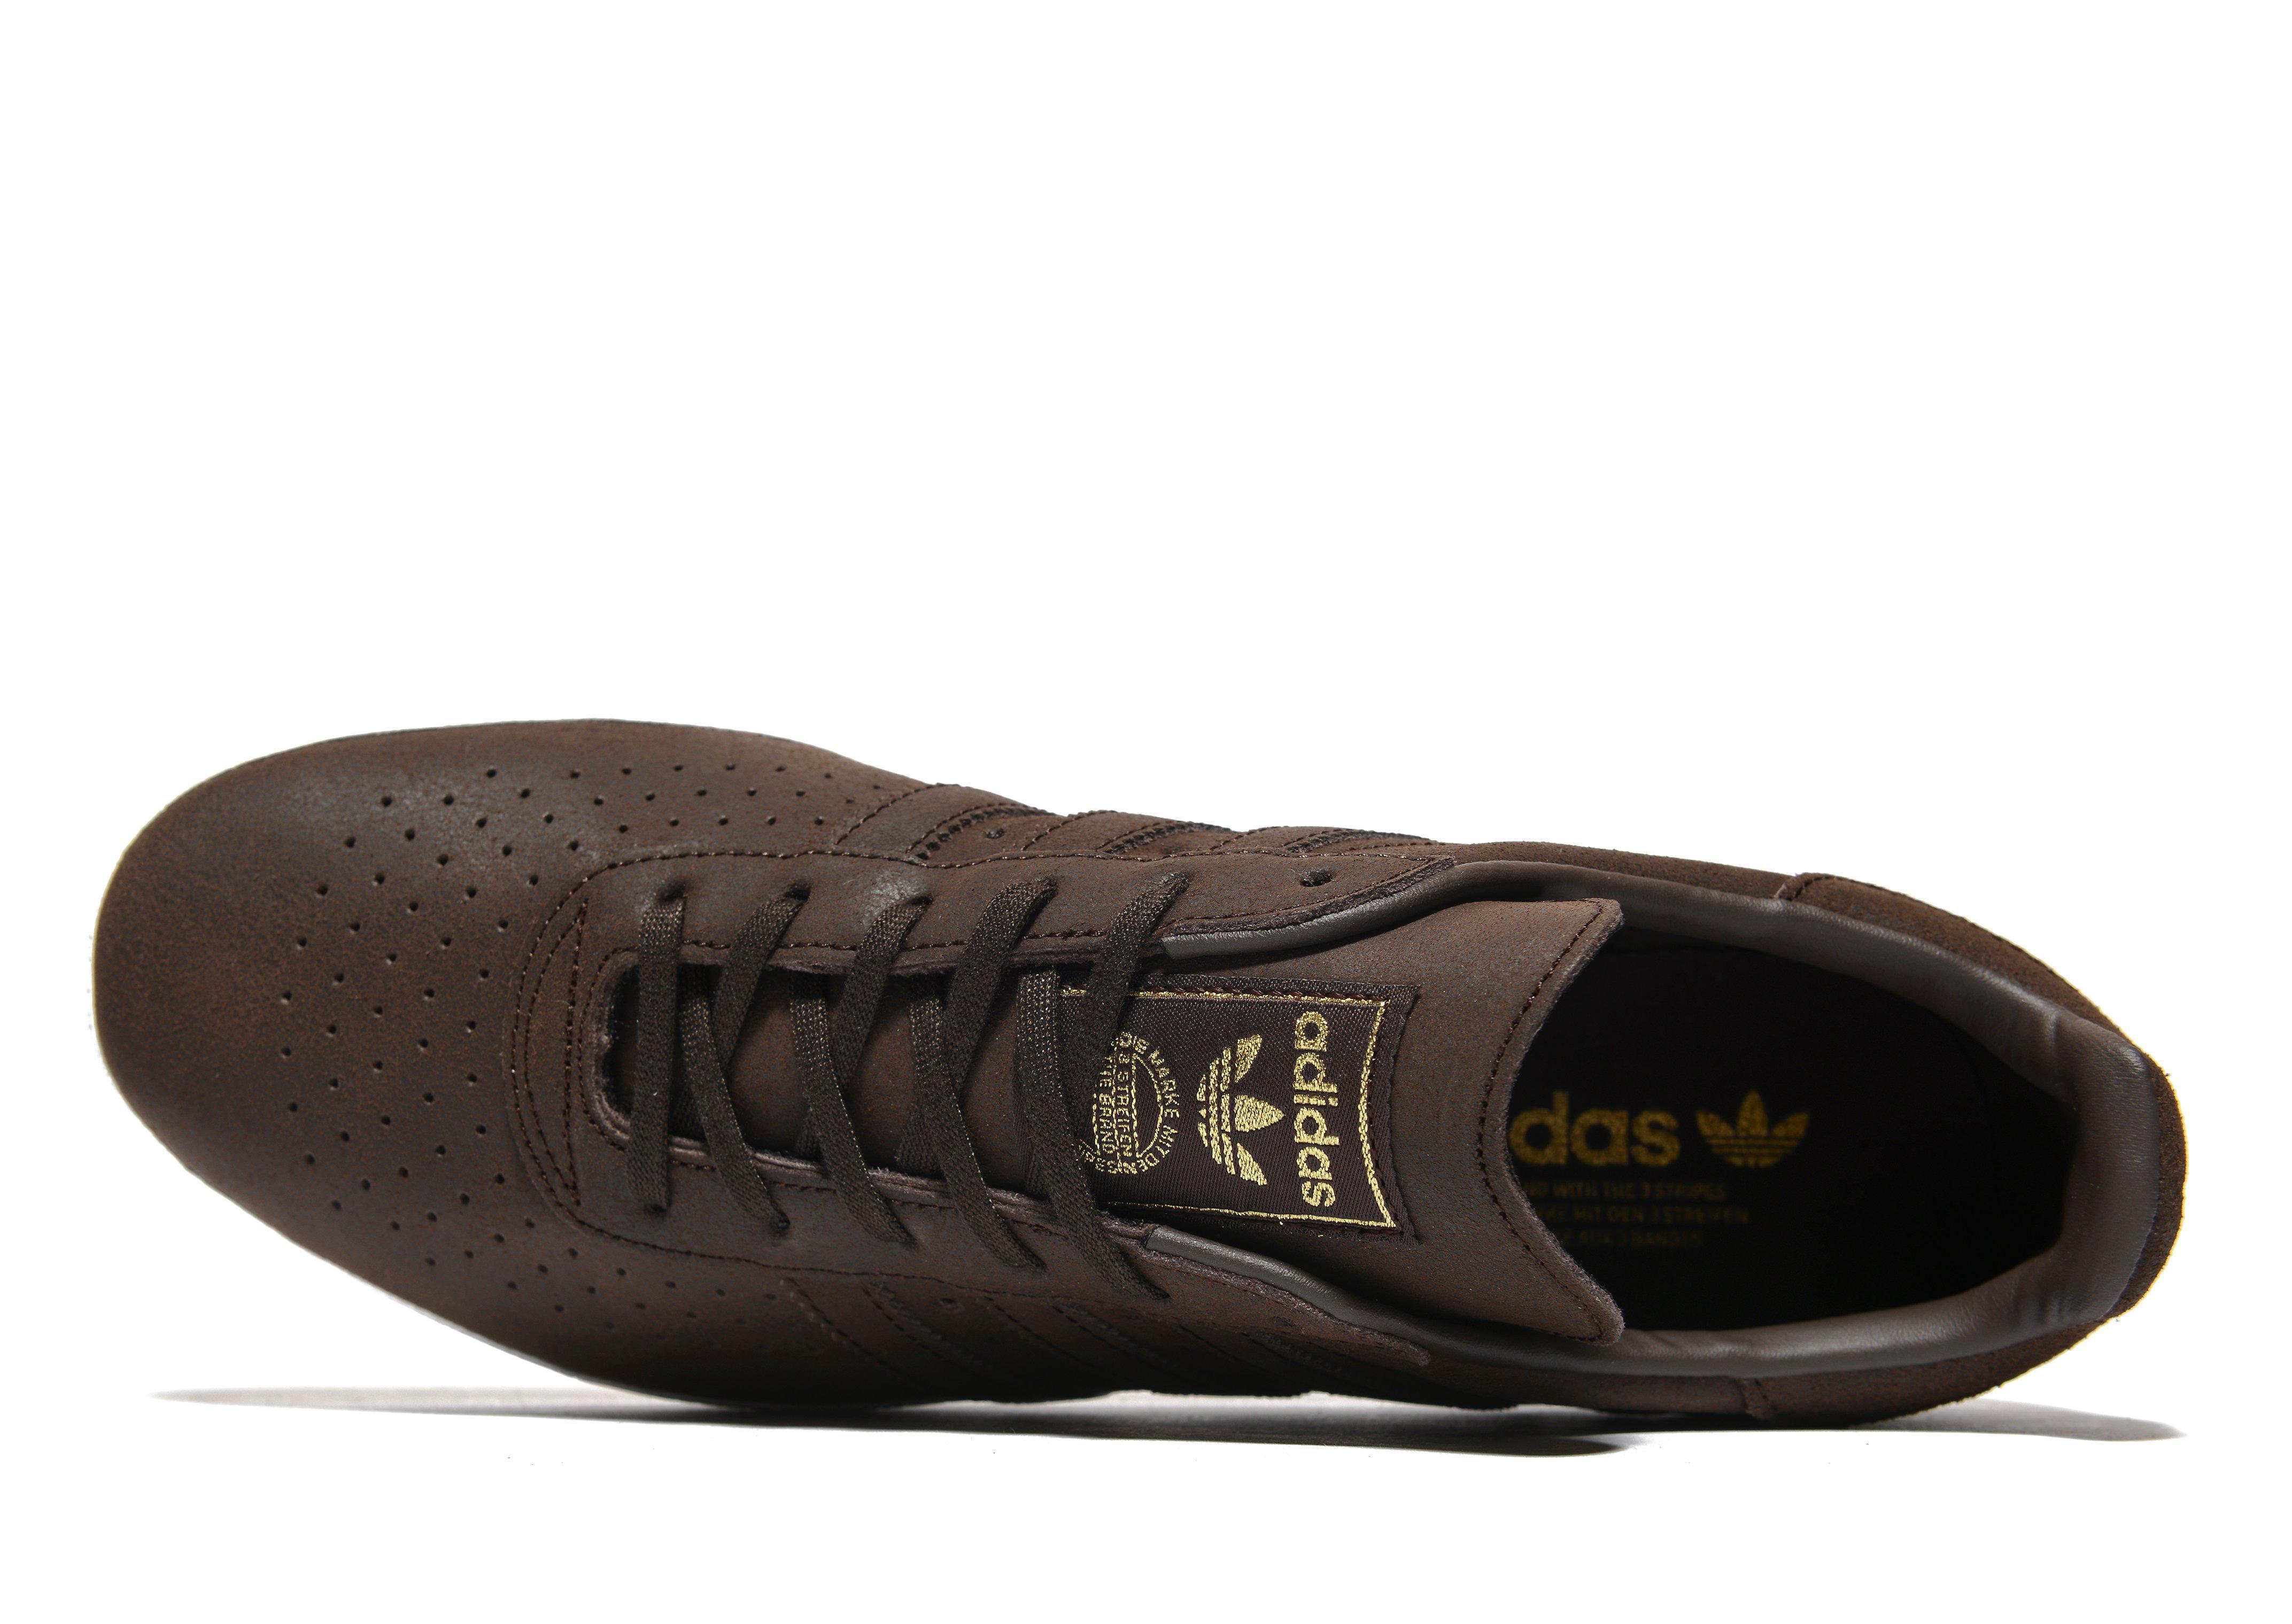 Lyst Adidas Marrone Originali 350 In Marrone Adidas Per Gli Uomini. 7f06cc